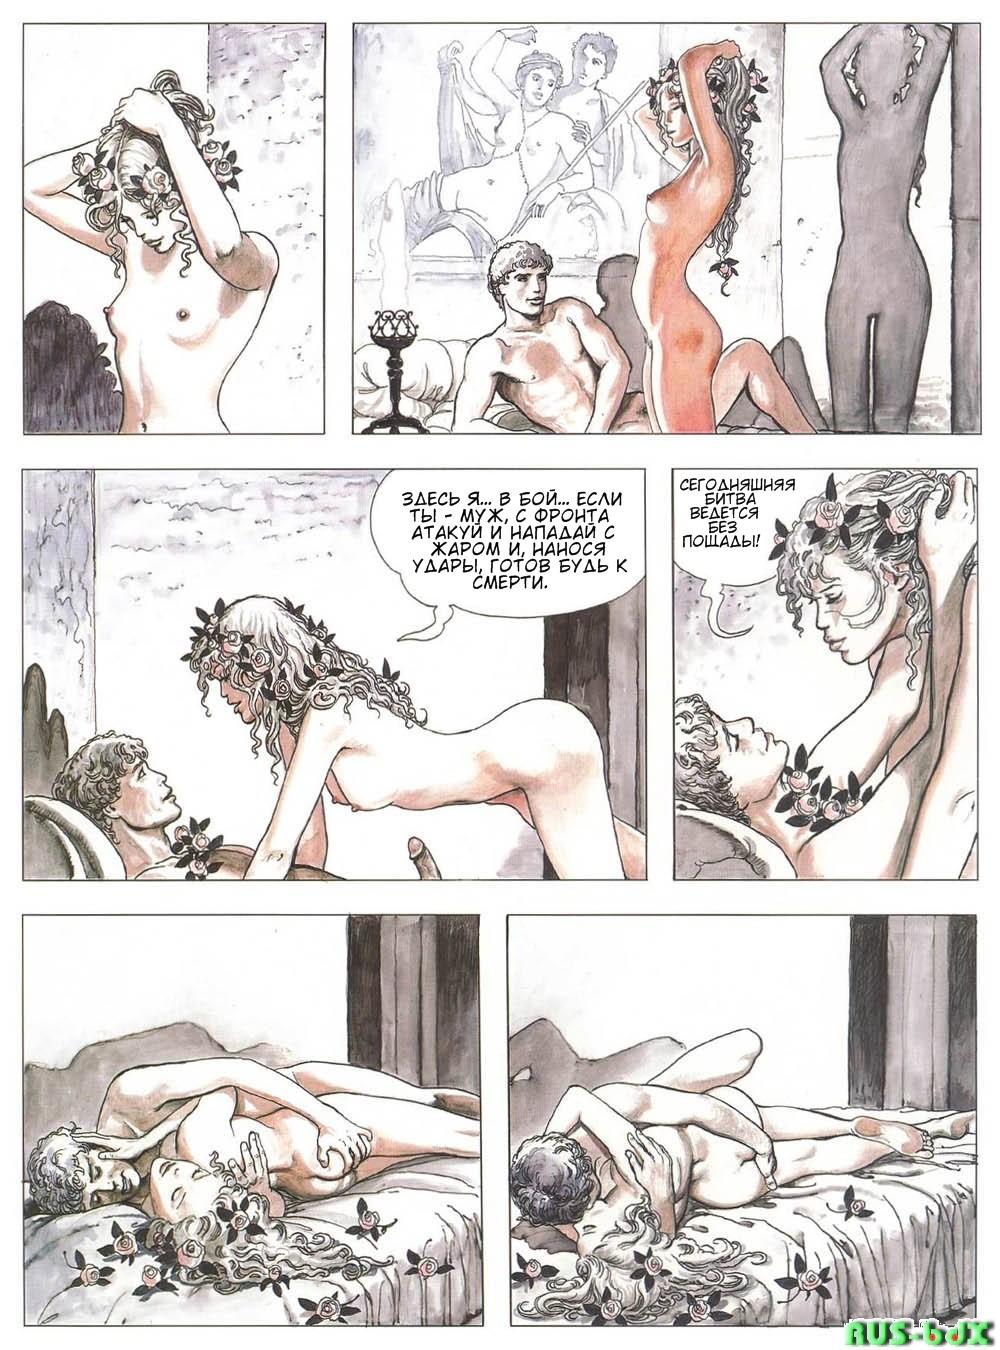 Перевоплощение из мужчины в женщину порно рассказы фото 241-509